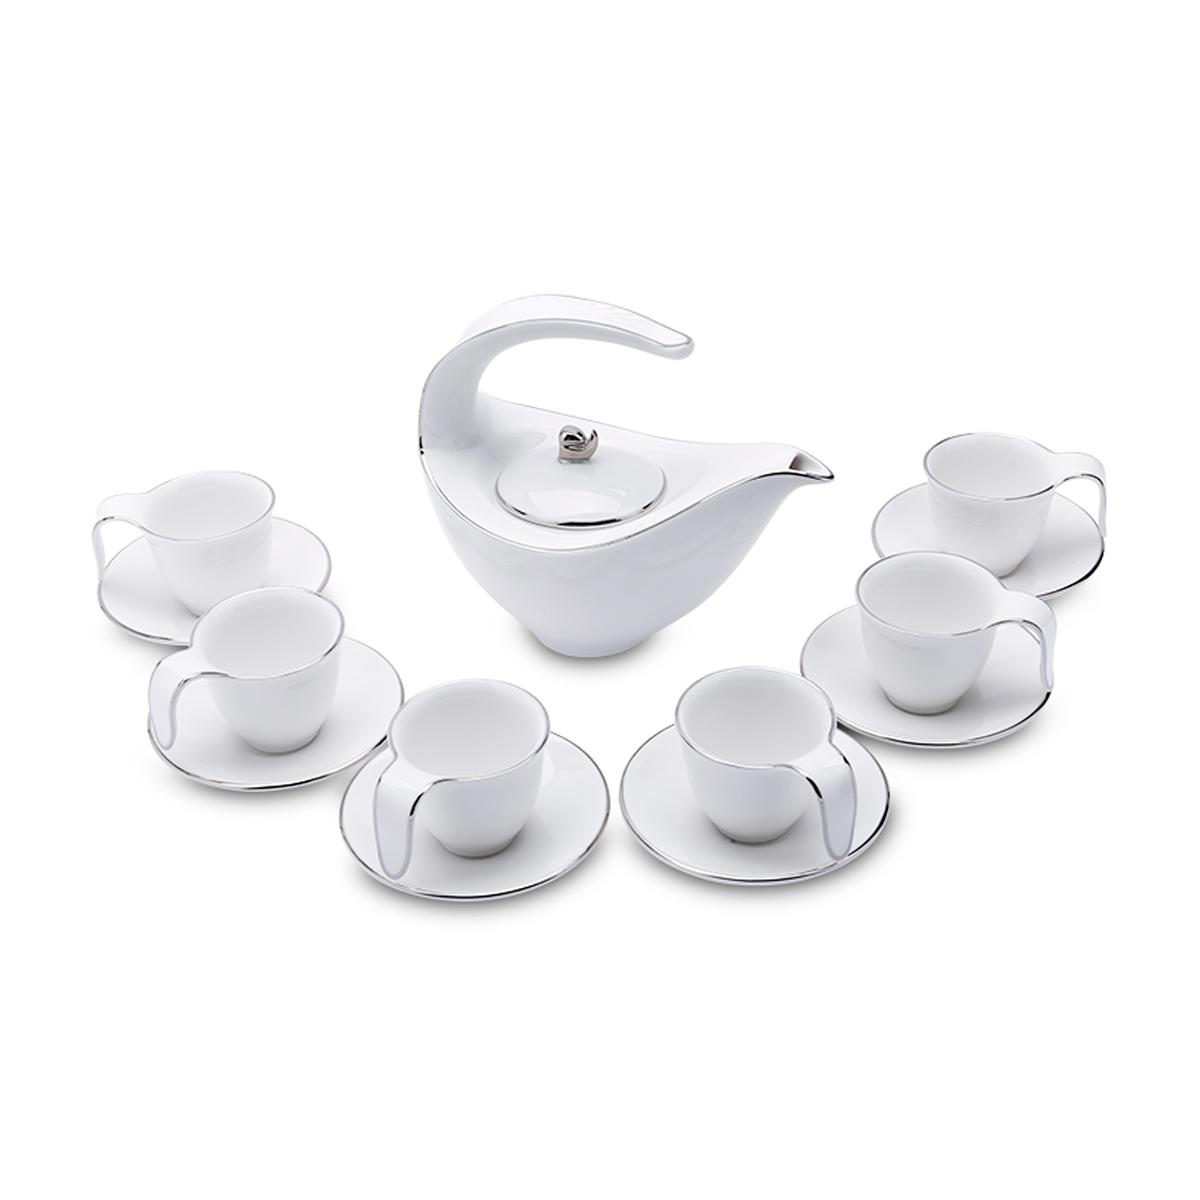 Bộ trà 0.45L – Anh Vũ – Chỉ Bạch Kim - MNV-AV01458004303